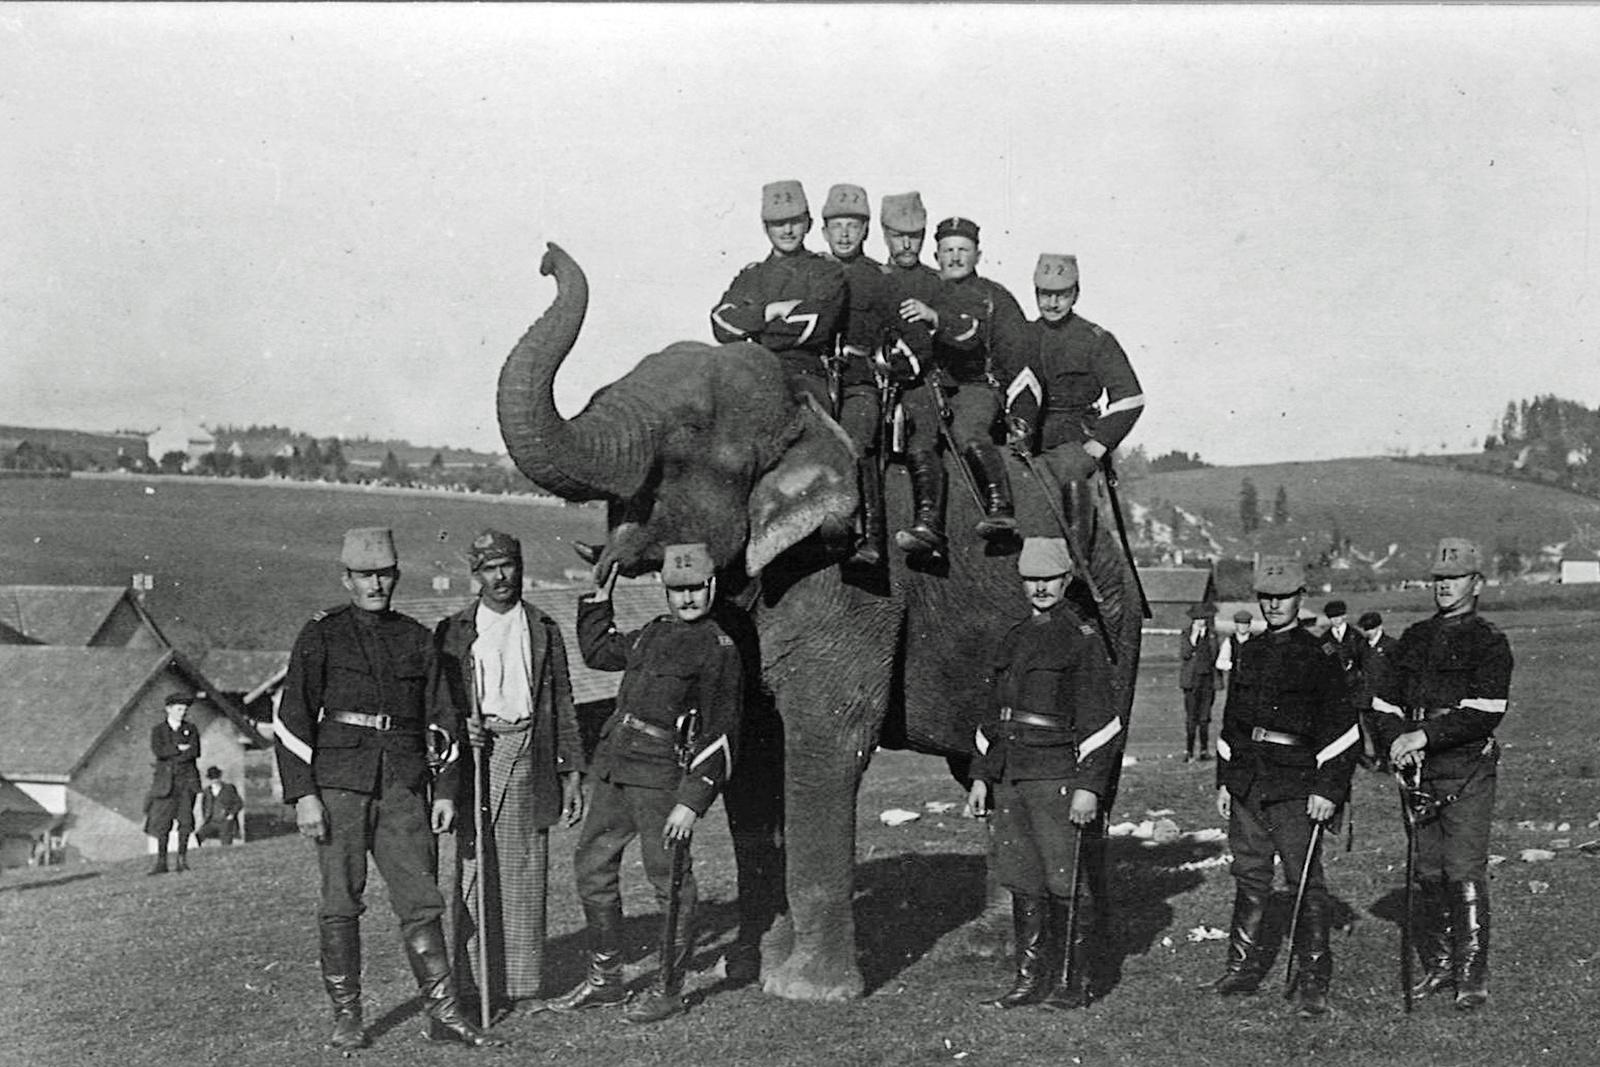 Moment de détente en compagnie d'un éléphant réquisitionné pour des soldats mobilisés à La Chaux-de-Fonds en 1914, l'une des nombreuses photos passionnantes présentées dans l'exposition